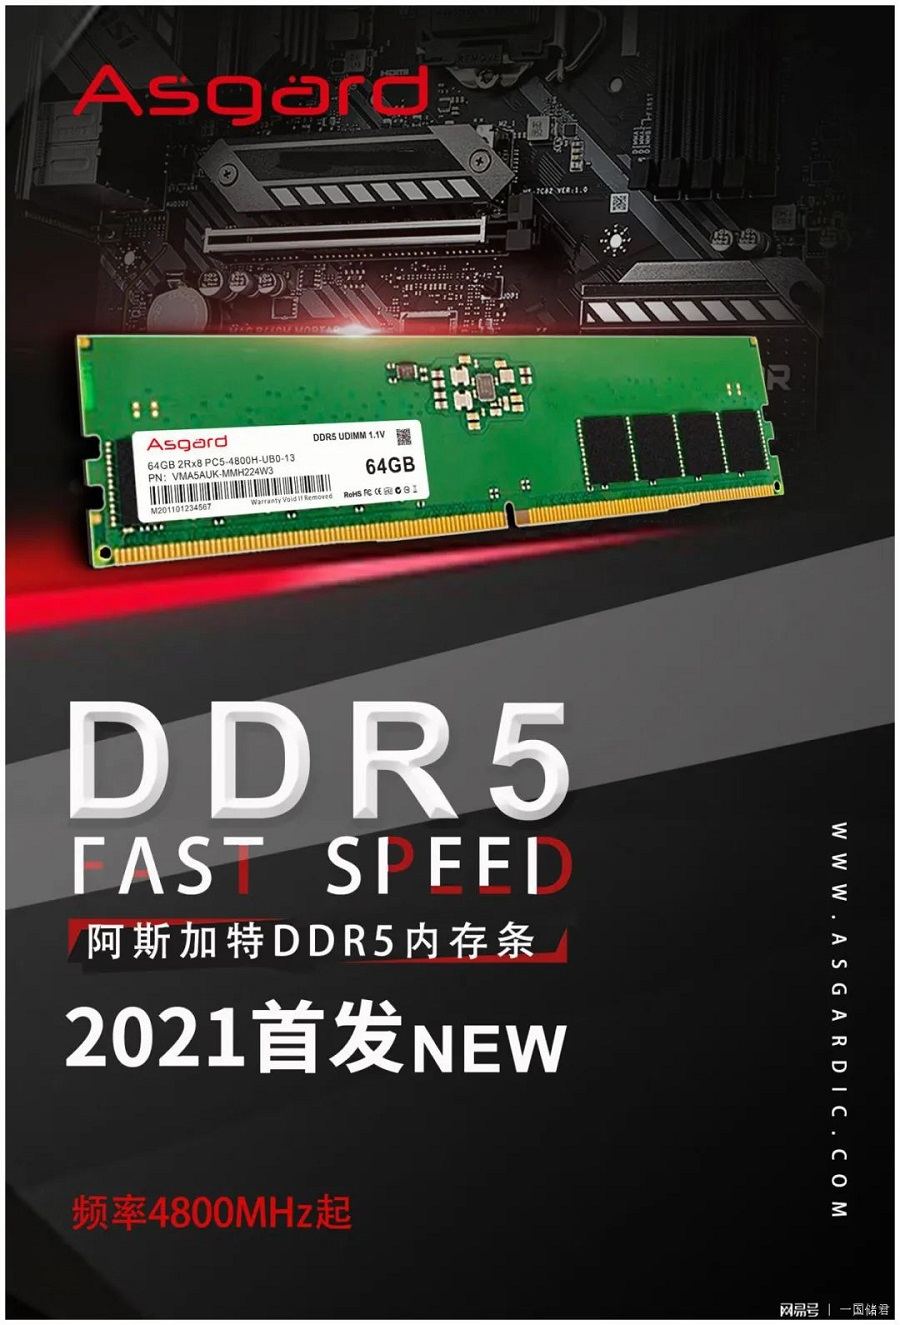 国产DDR5内存:频率4800MHz起步 最高容量达128GB